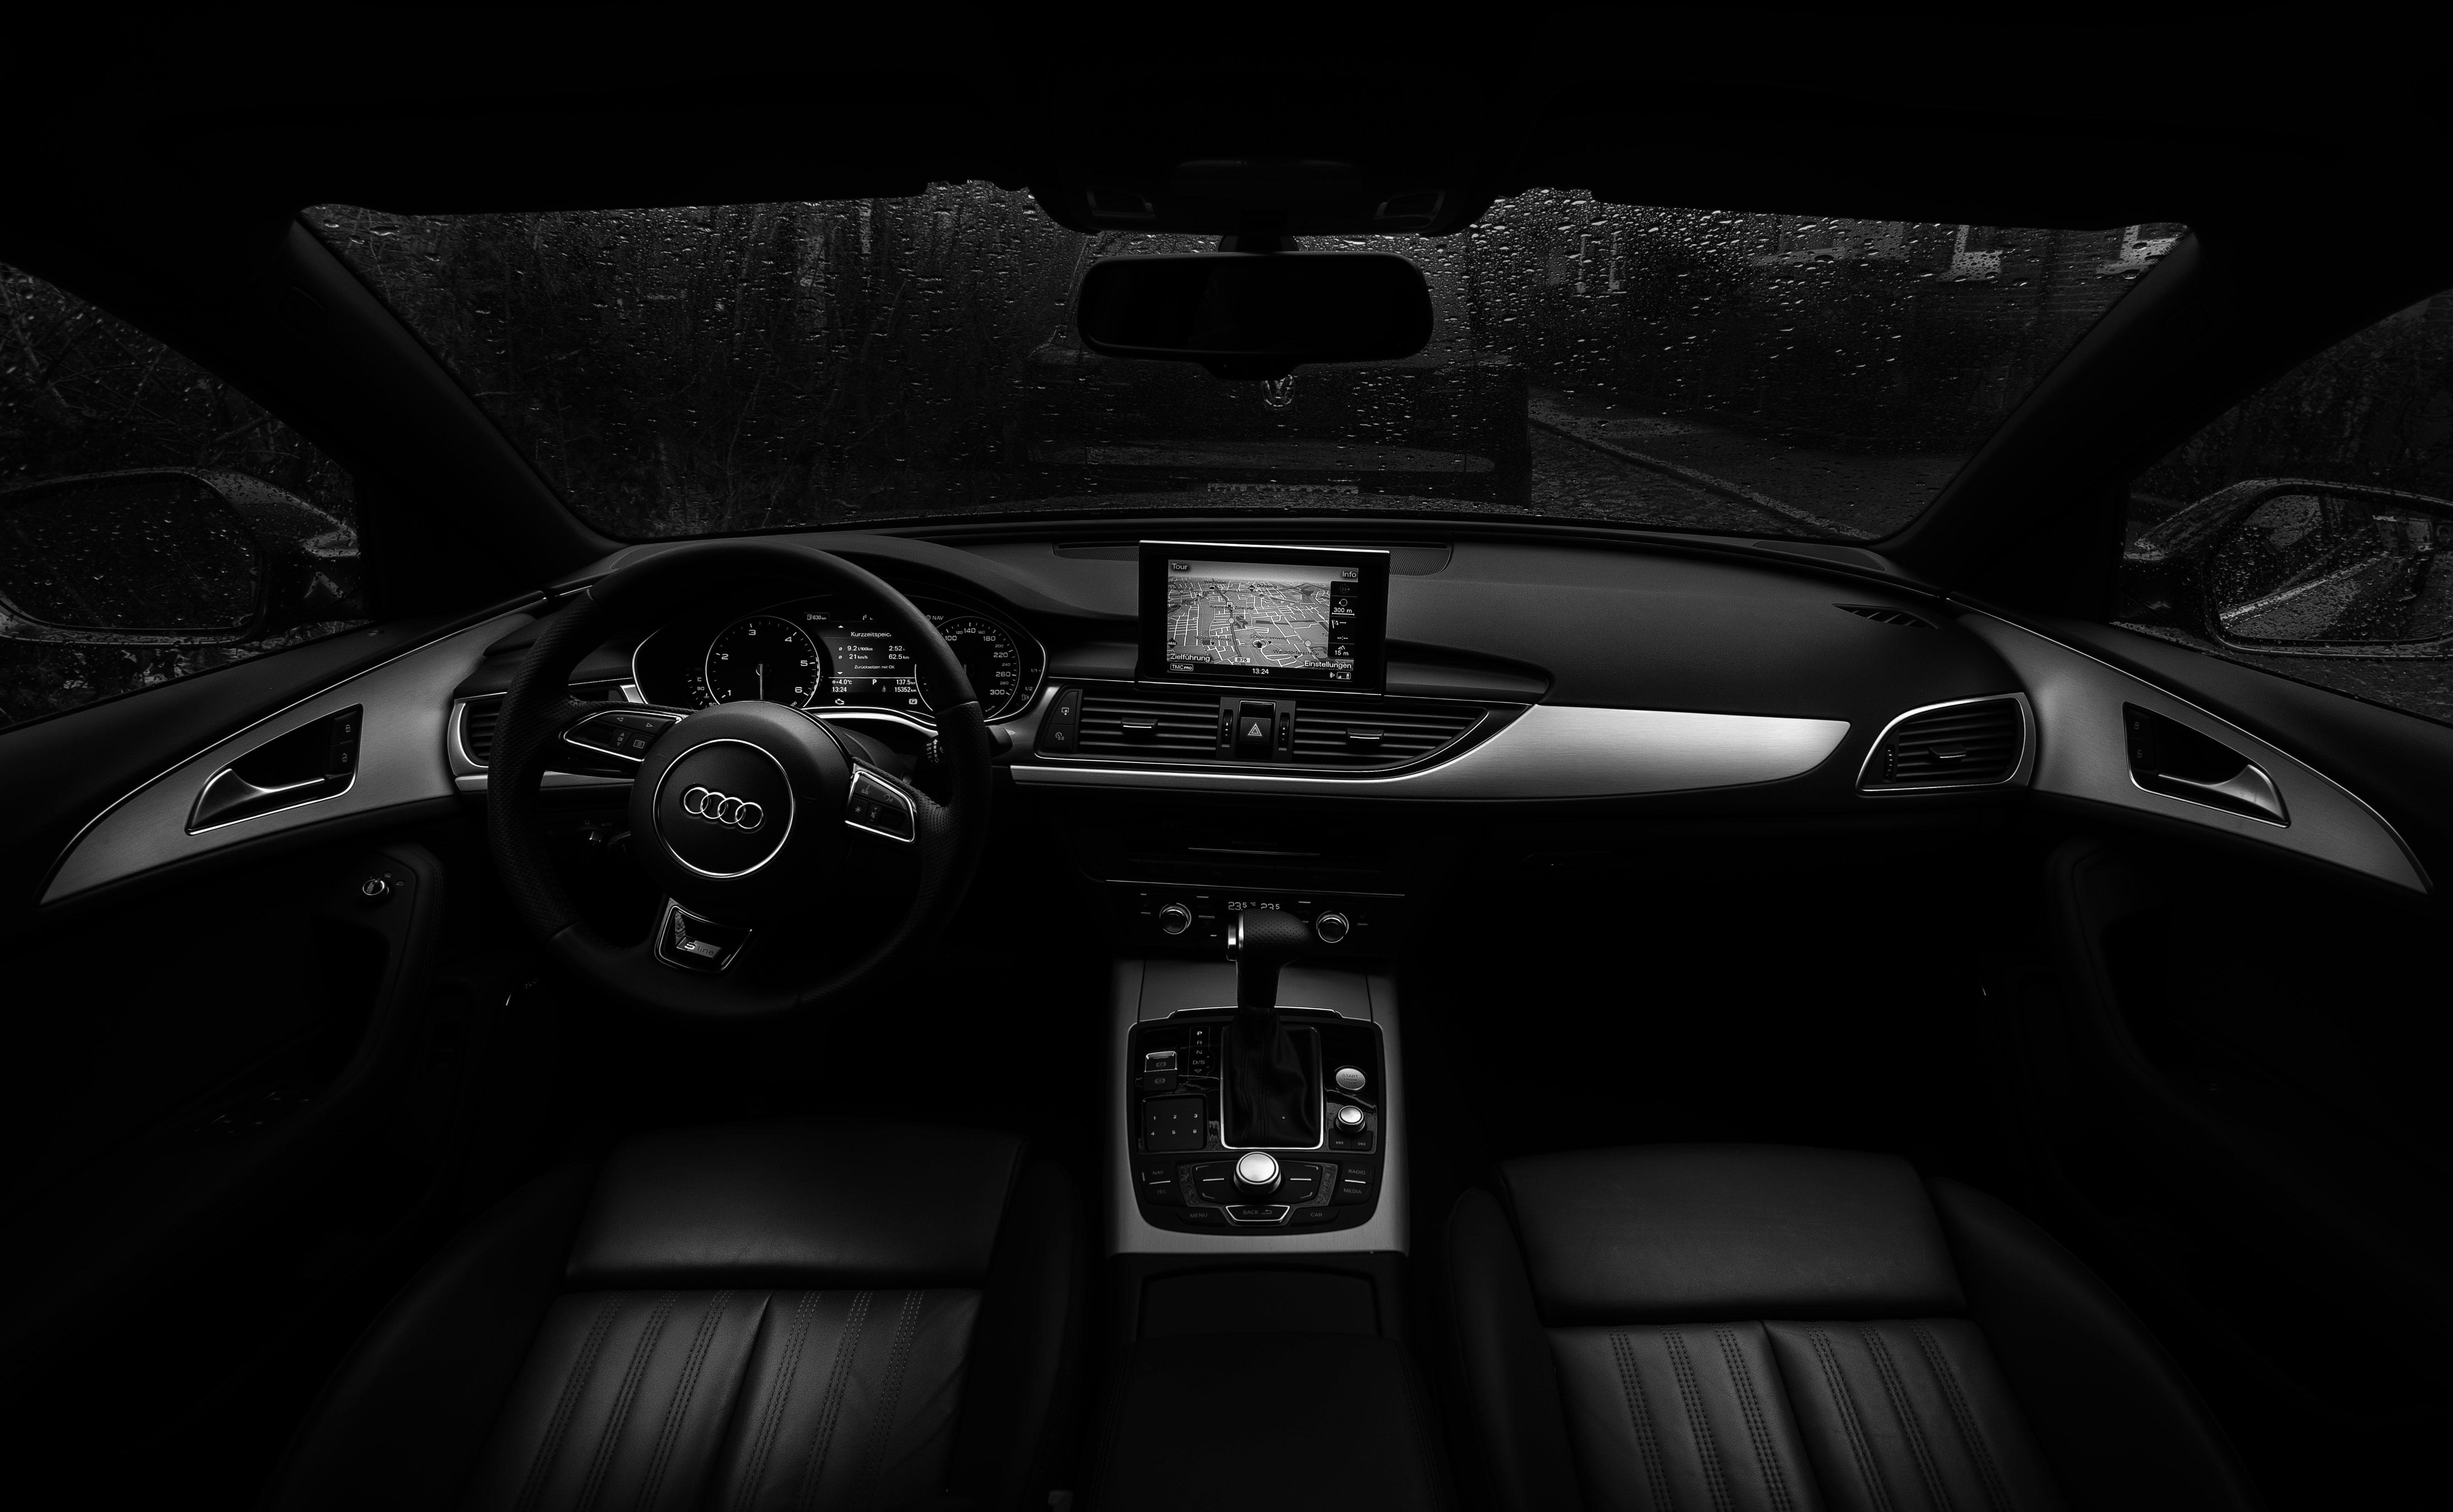 57035 скачать обои Ауди (Audi), Дождь, Тачки (Cars), Чб, Руль, Салон Автомобиля - заставки и картинки бесплатно